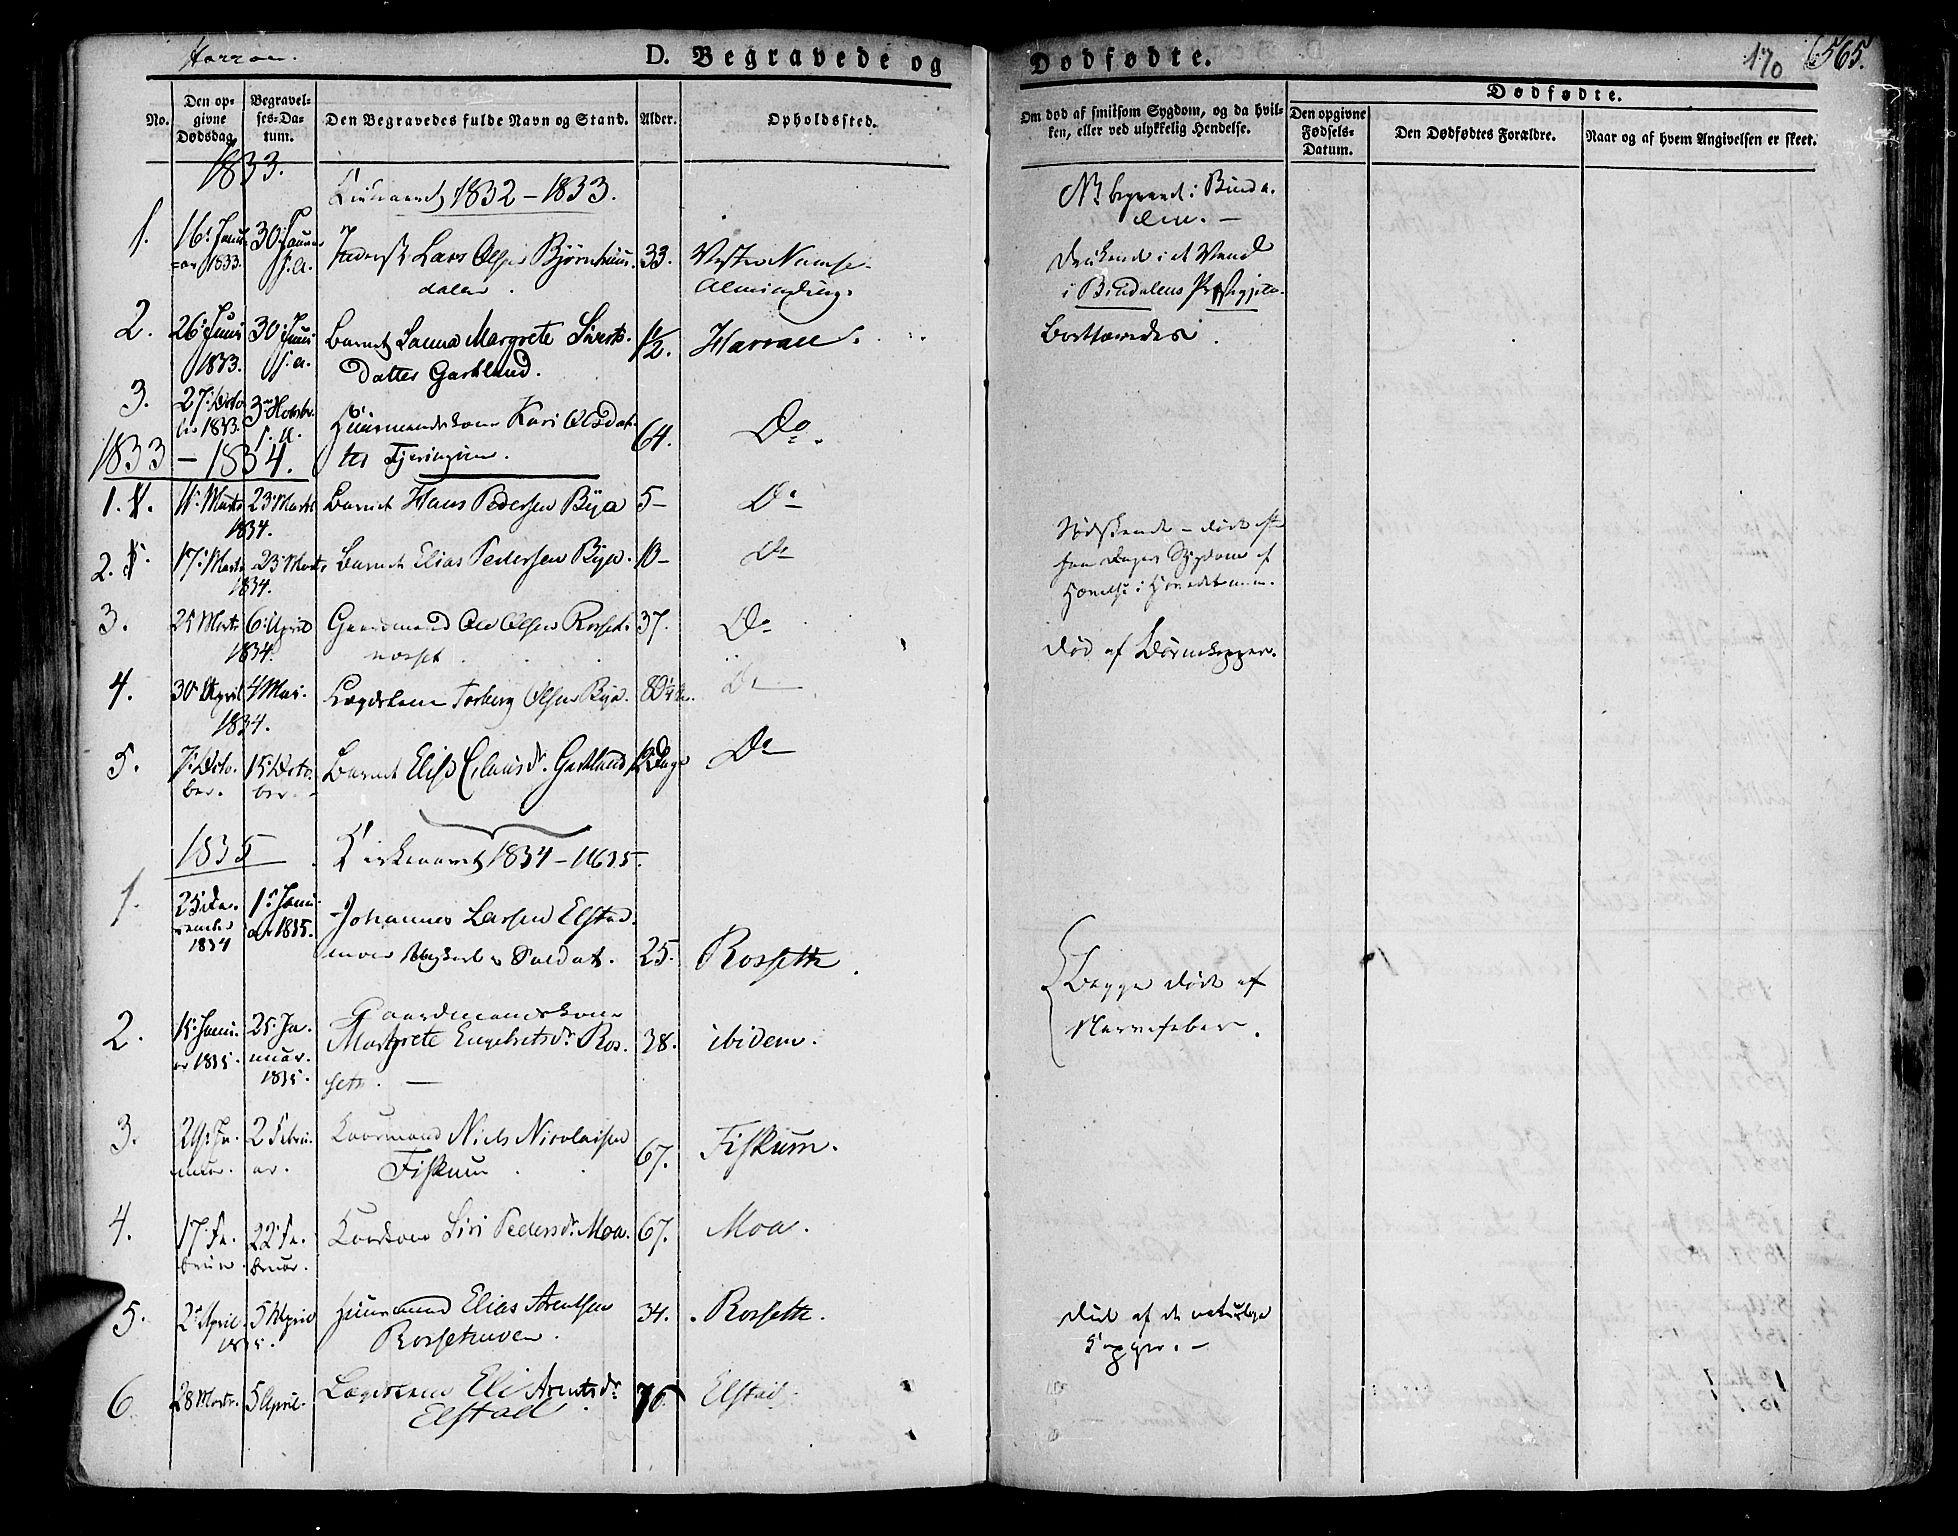 SAT, Ministerialprotokoller, klokkerbøker og fødselsregistre - Nord-Trøndelag, 758/L0510: Ministerialbok nr. 758A01 /3, 1821-1841, s. 170